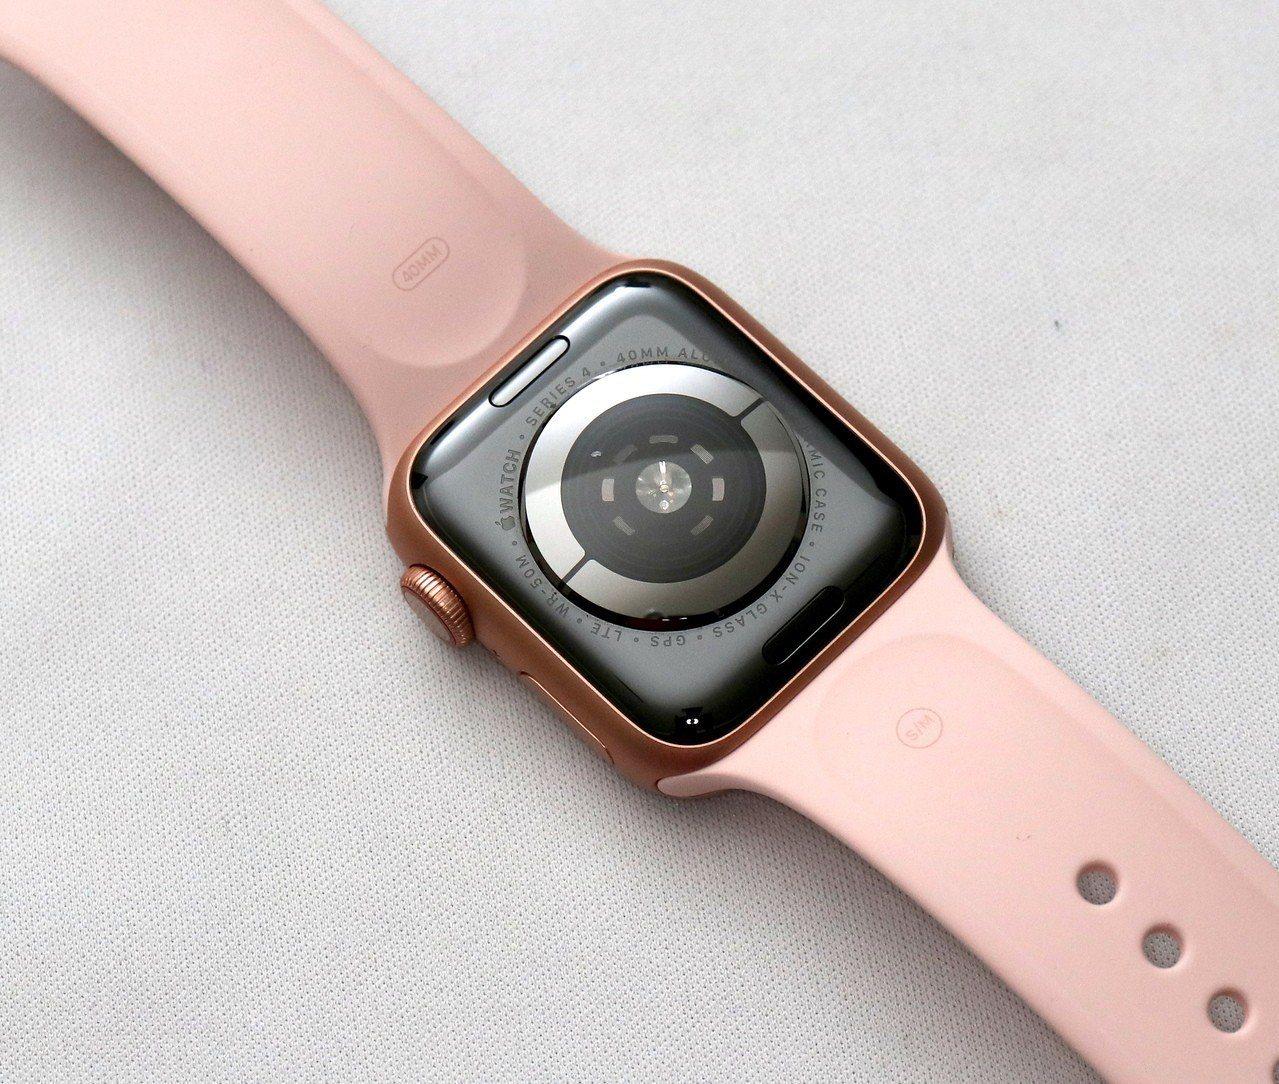 加入 了 全新 電 ⼦ ⼼ 率 感測器, 錶 背 感測器 的 配置 也 全部 重新 設計. 記者 黃 筱 晴 / 攝影